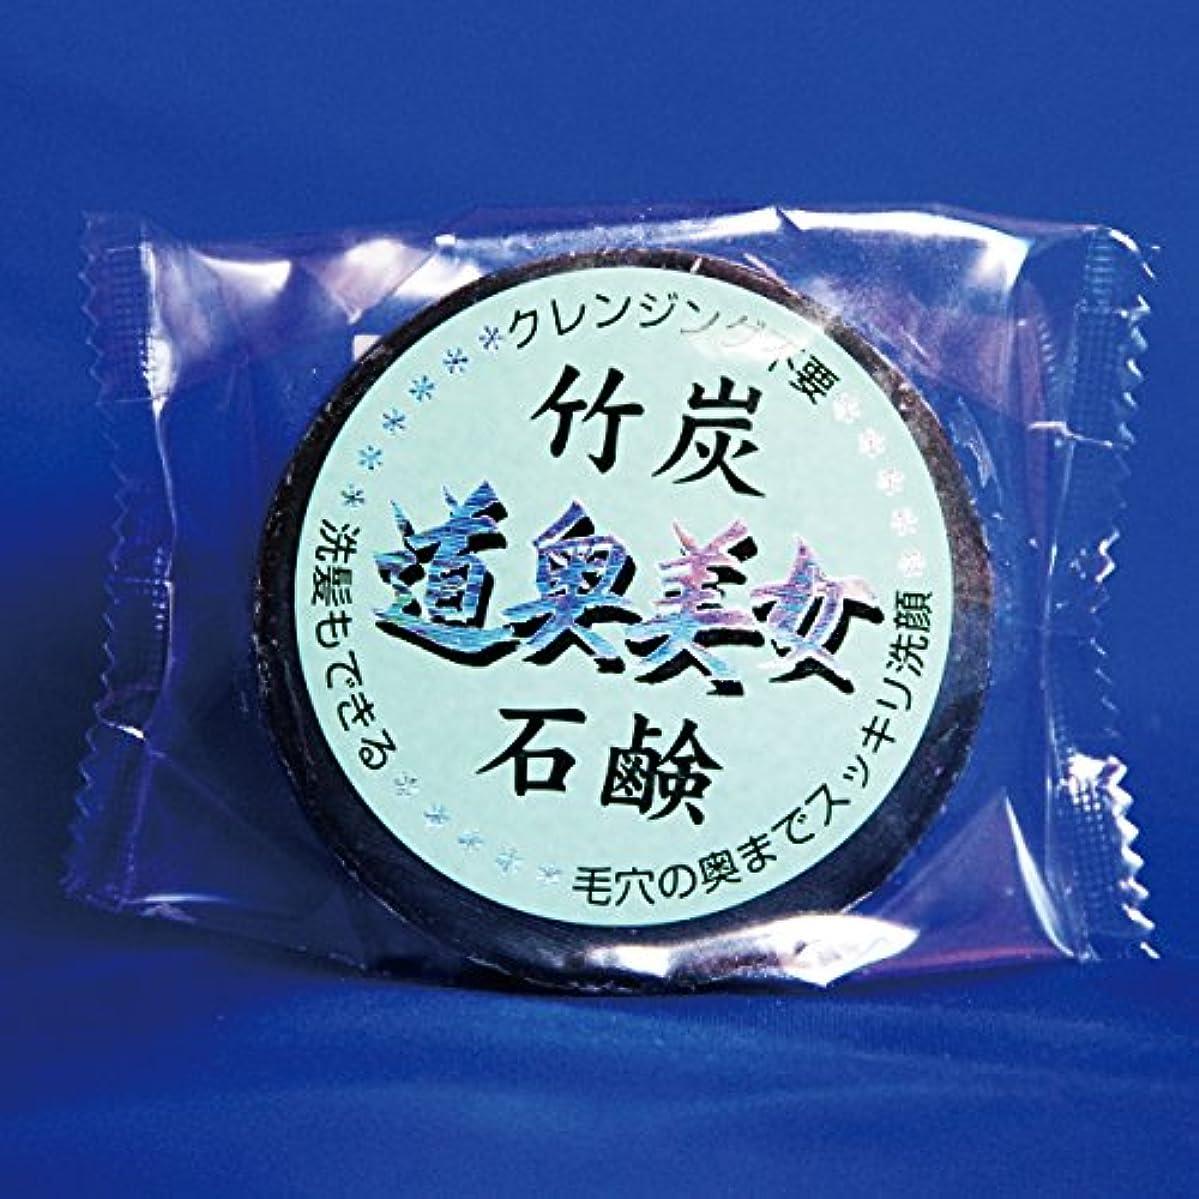 我慢する有効ひそかに竹炭石鹸 100g クレンジング不要 (100g) 手作り透明石鹸 化粧石ケン